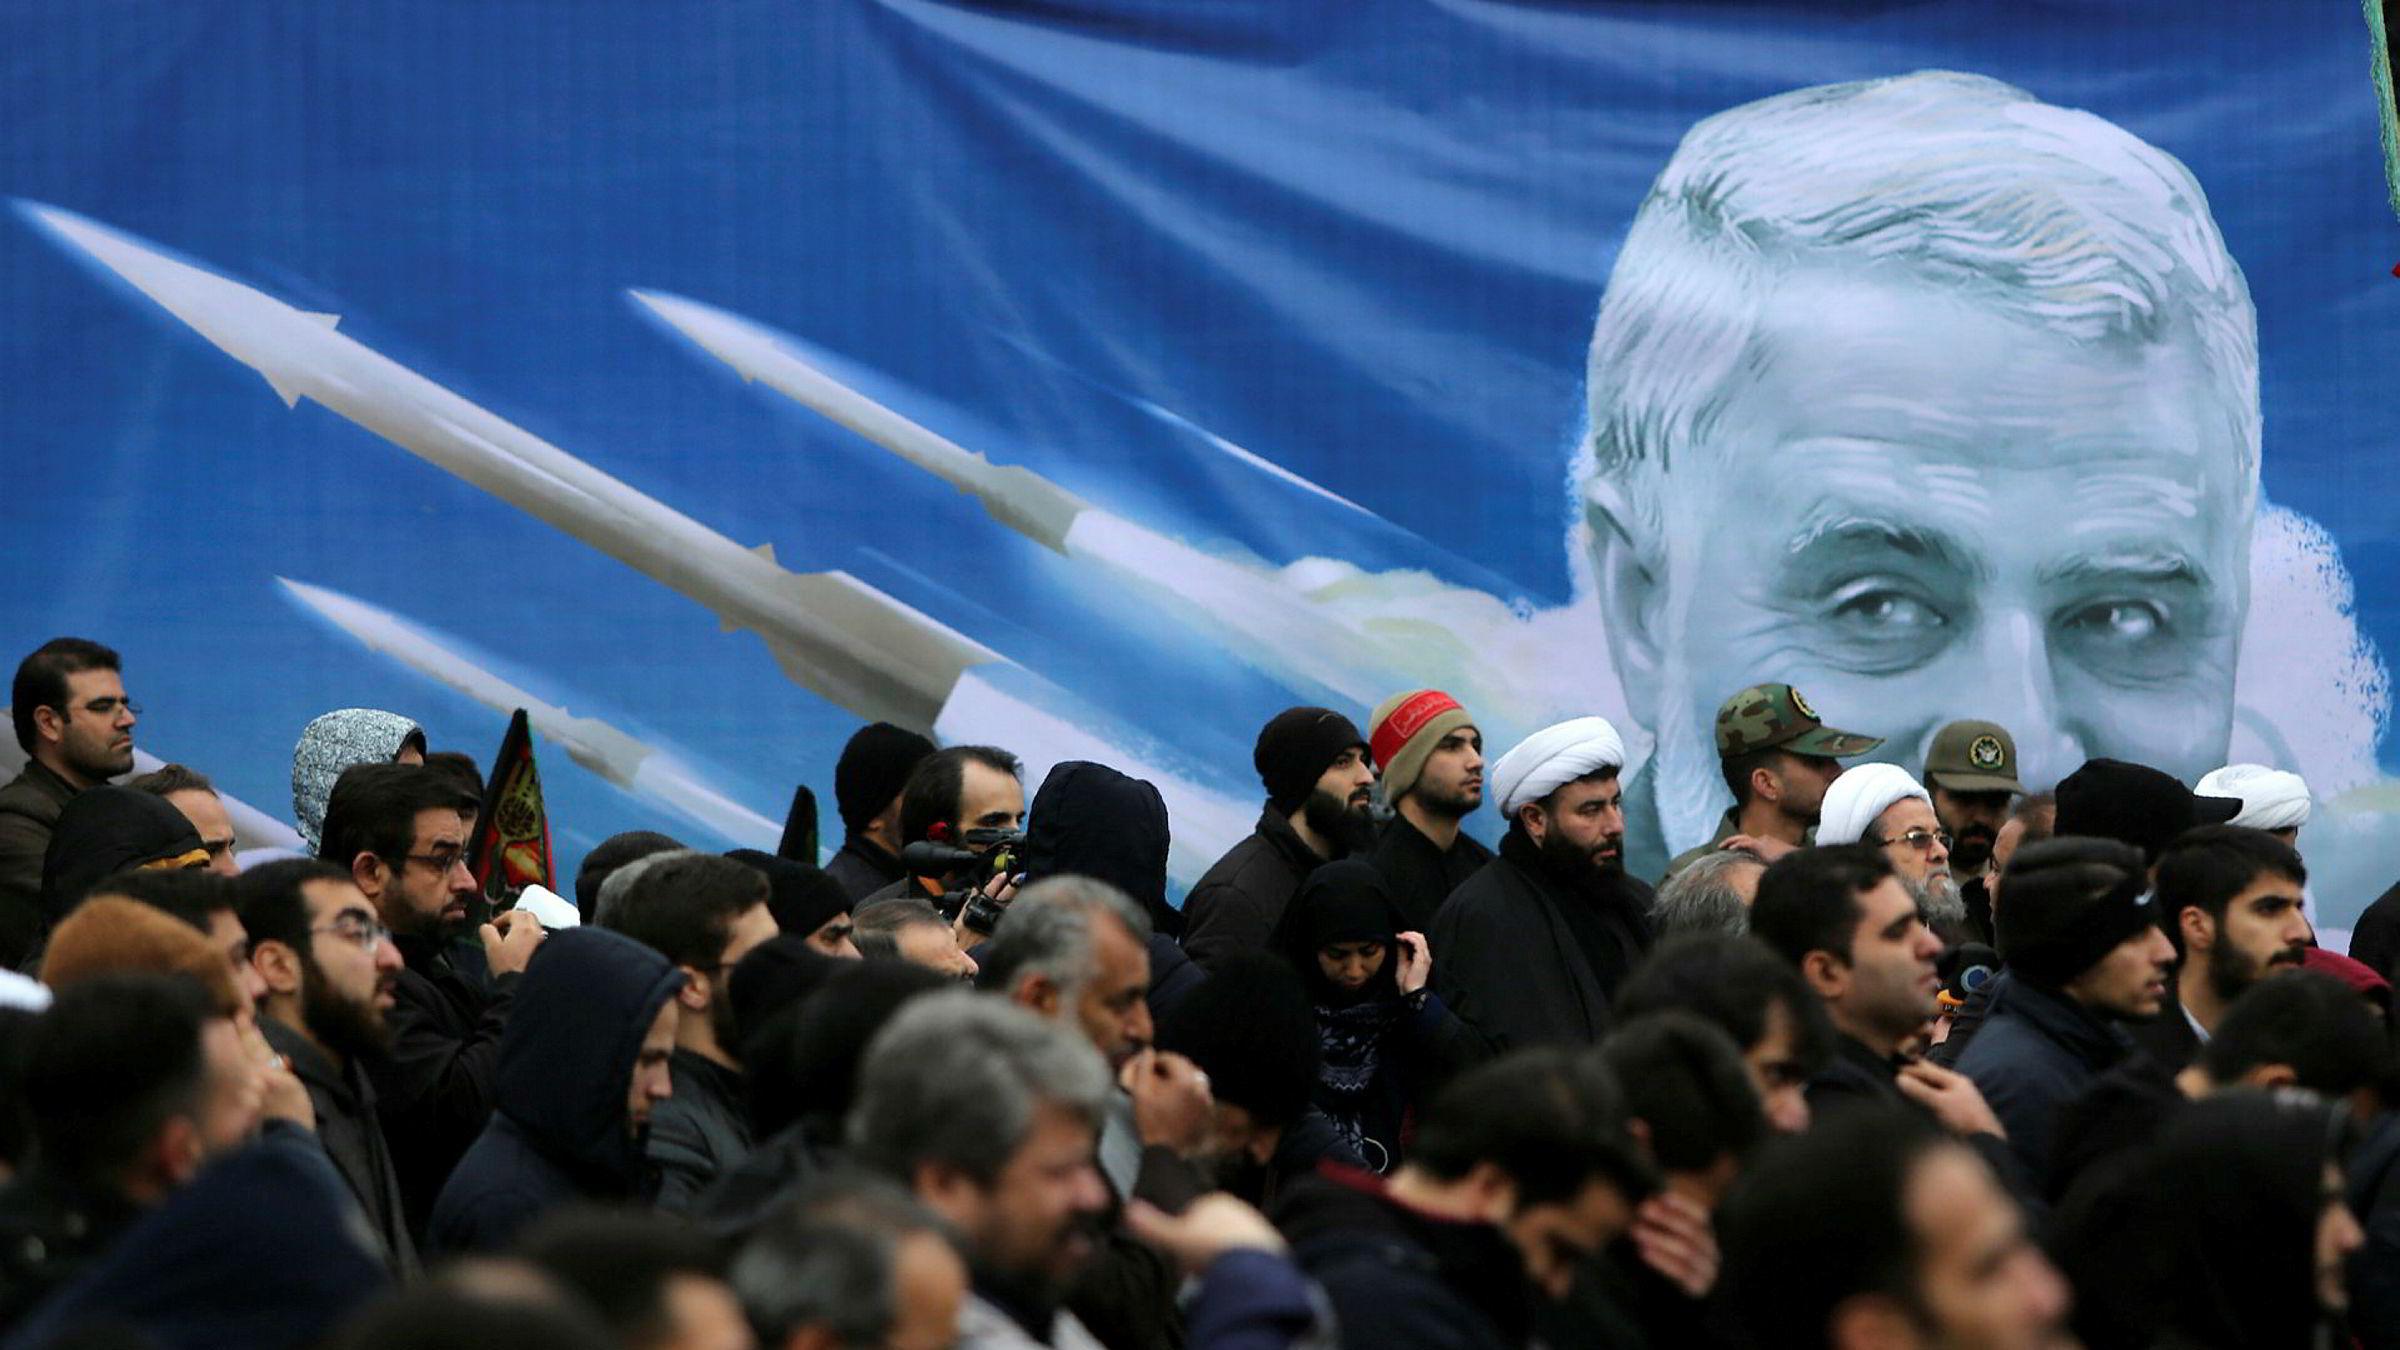 Demonstrasjoner i Teheran, Iran, har etterfulgt drapet på generalen Qasem Soleimani natt til fredag 3. januar. Både i Iran og i USA har angrepet vekket sterke reaksjoner.